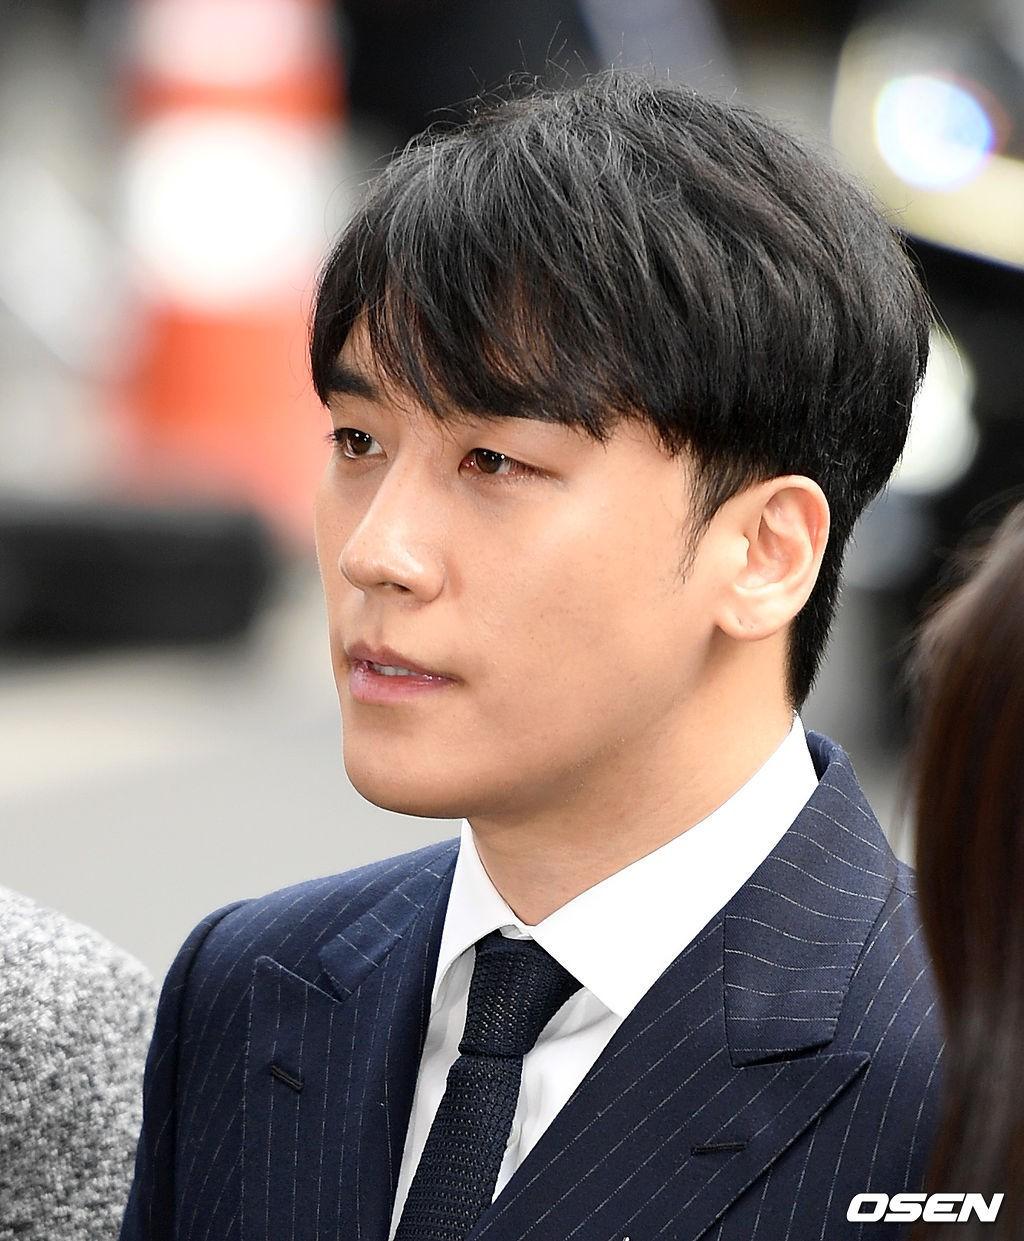 Clip Seungri chính thức trình diện để thẩm vấn: Vẫn đi xe sang nhưng tiều tuỵ hẳn, mắt đỏ rưng rưng xin lỗi nạn nhân - Ảnh 8.